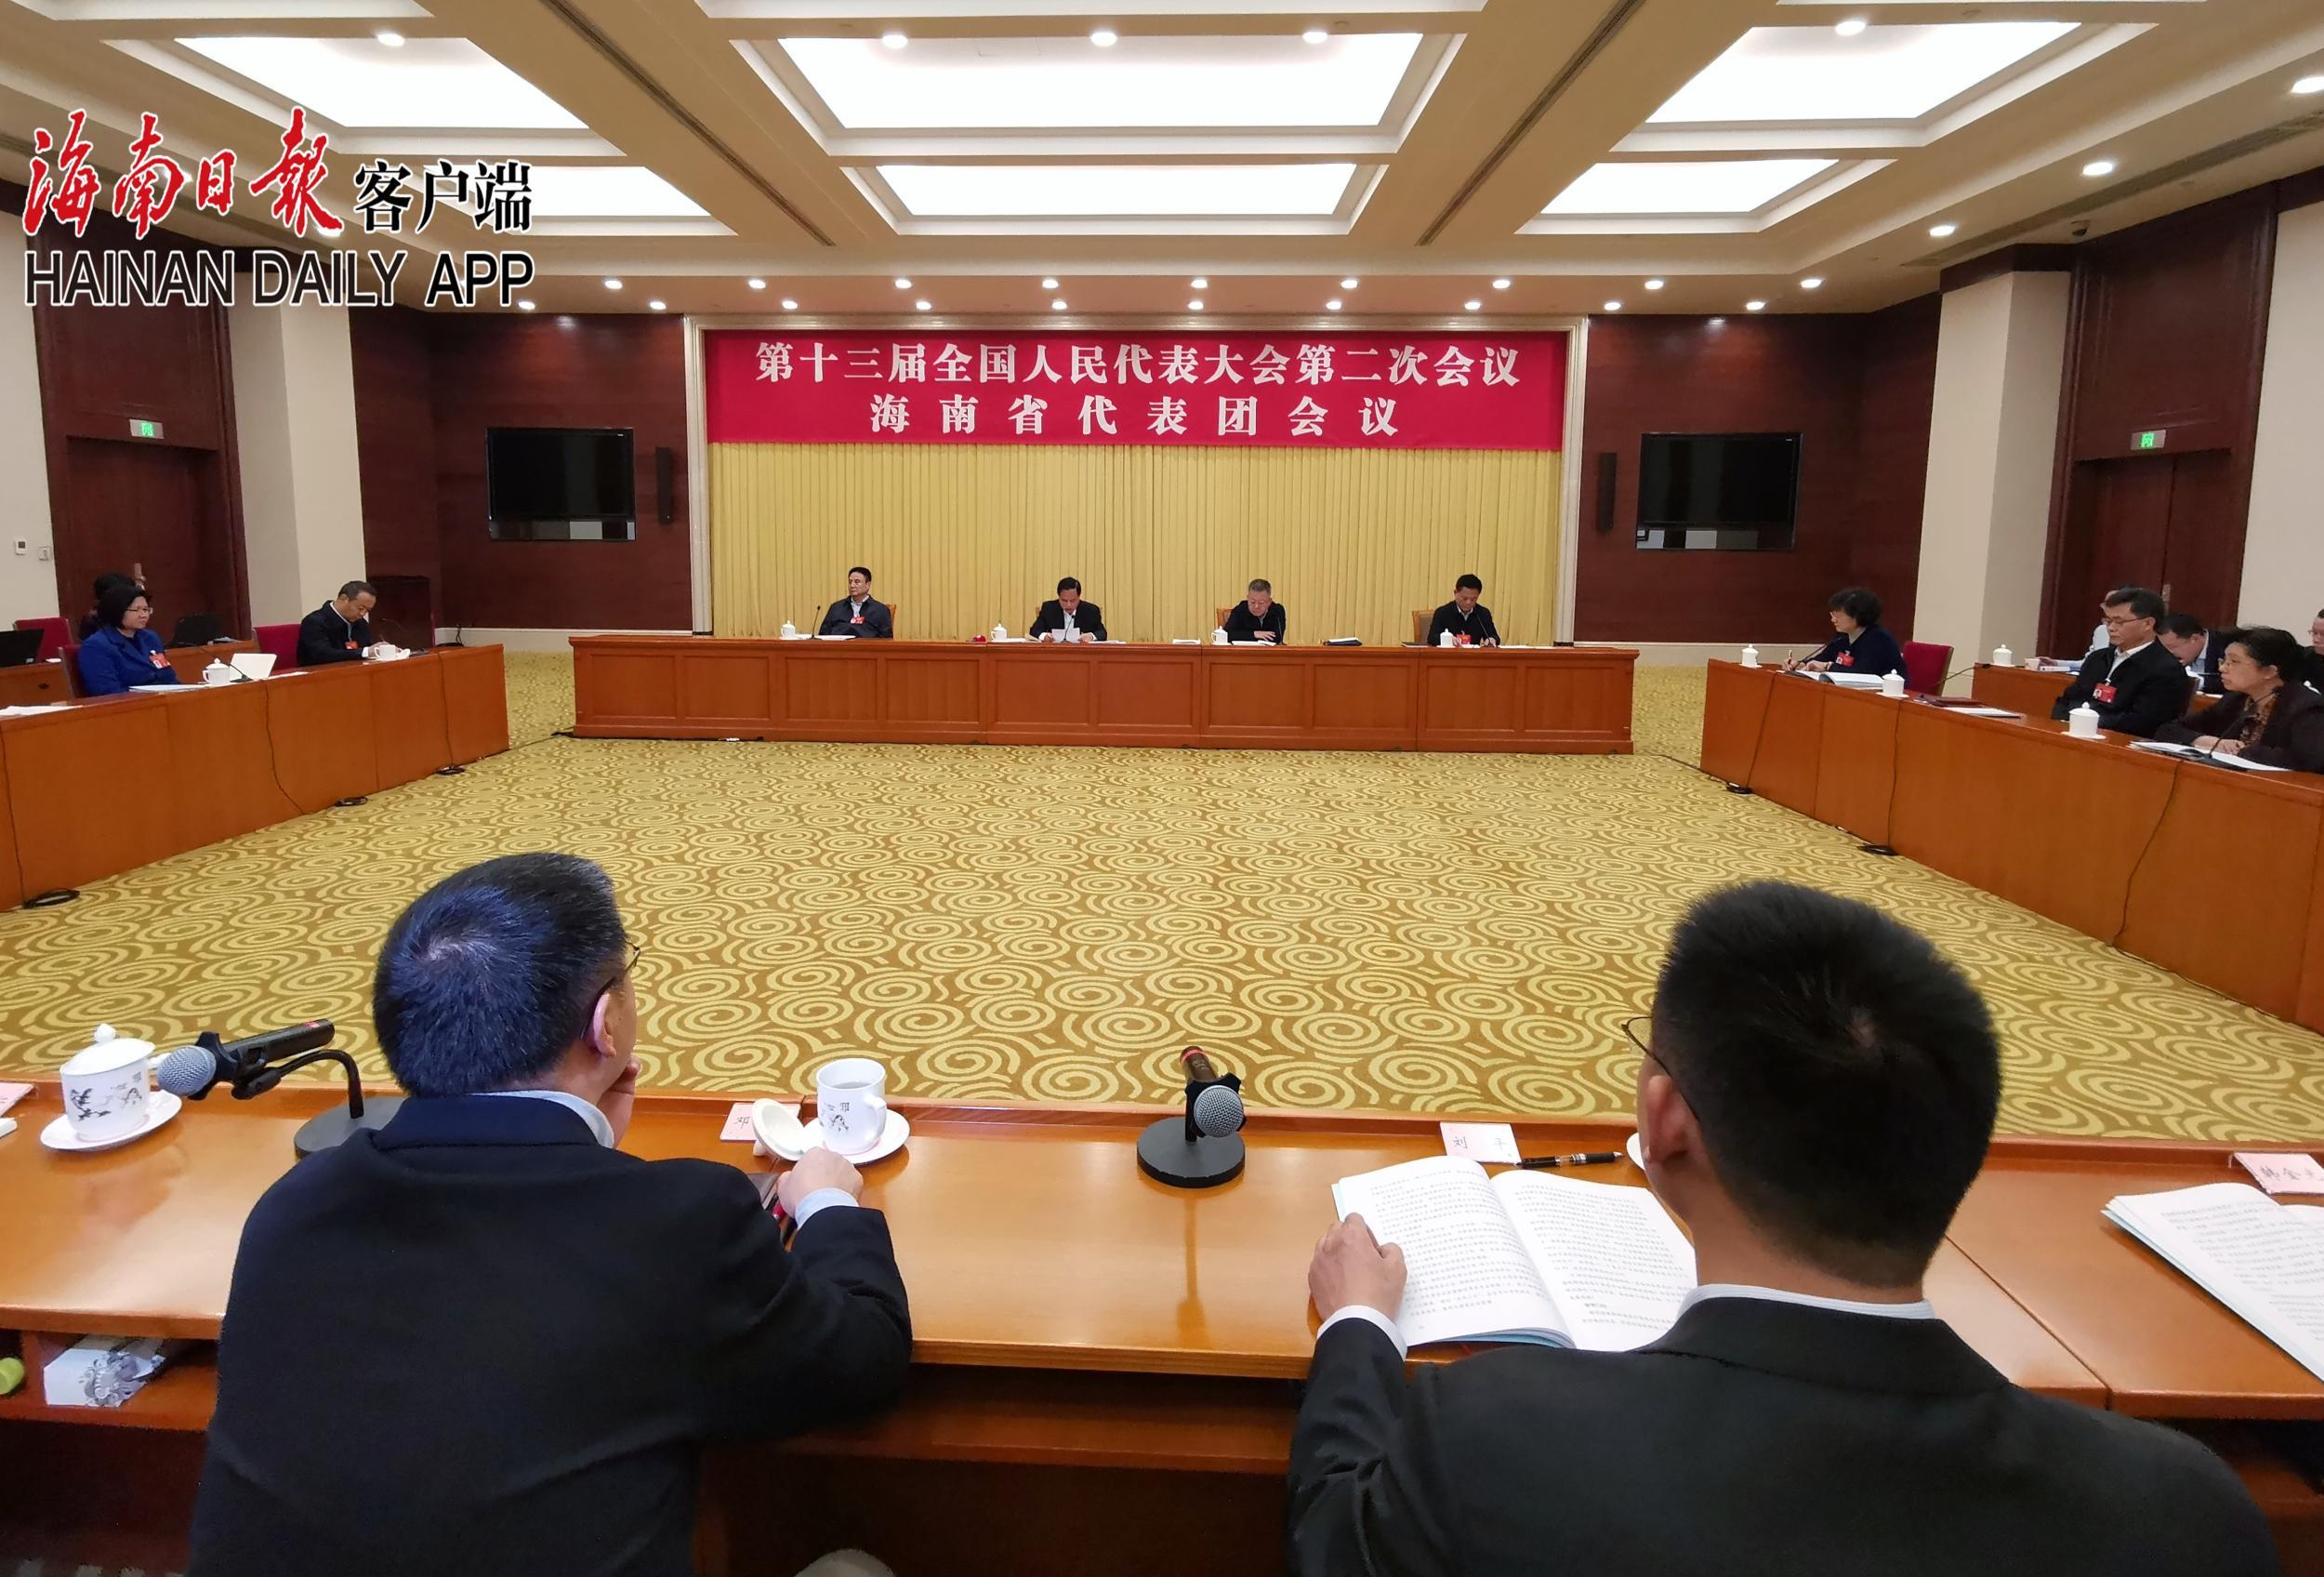 海南代表团举行第一次全体会议 推选刘赐贵为代表团团长 沈晓明、许俊为副团长